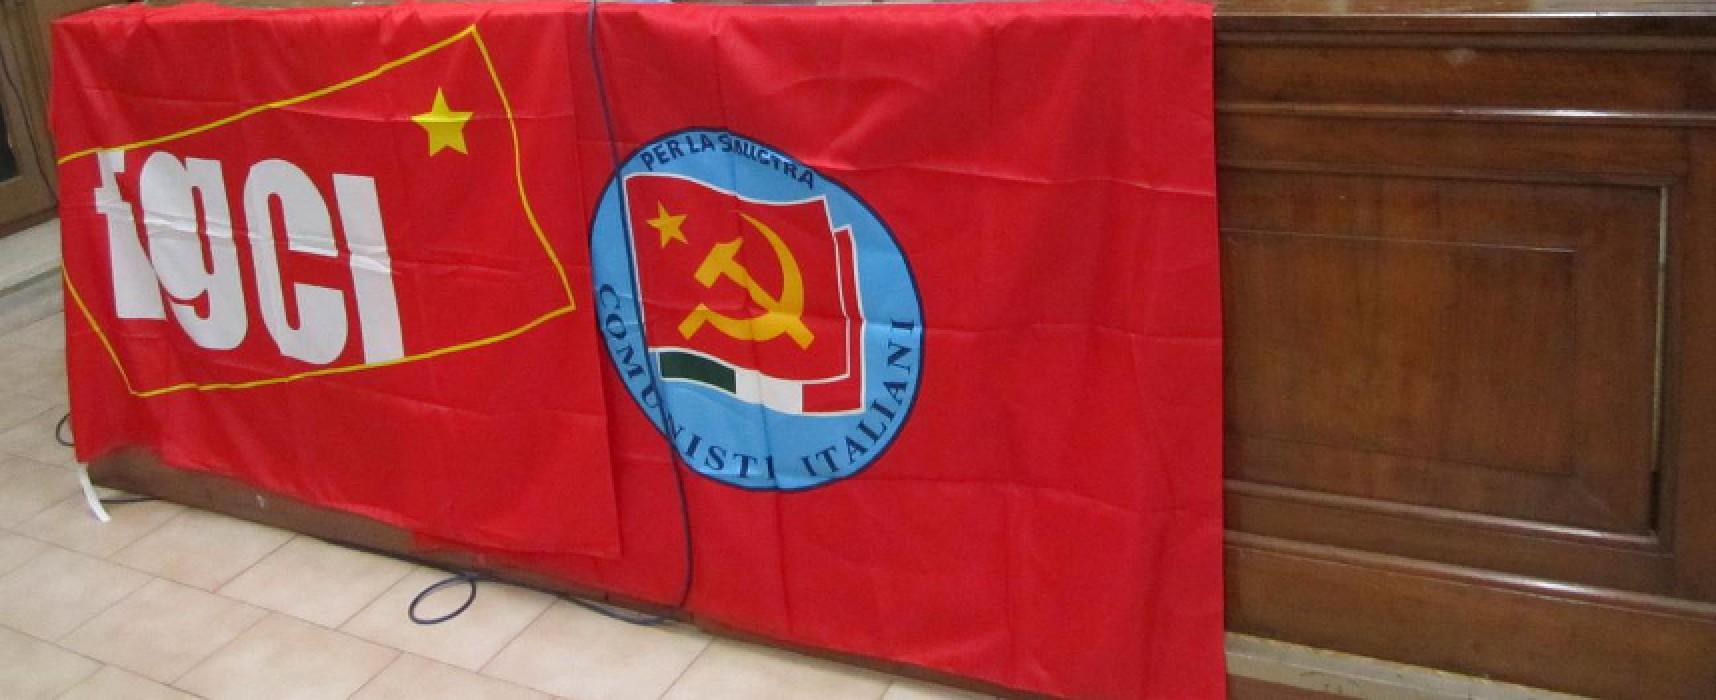 Verde pubblico e sicurezza, il piano proposto dalla Federazione dei Giovani Comunisti Italiani